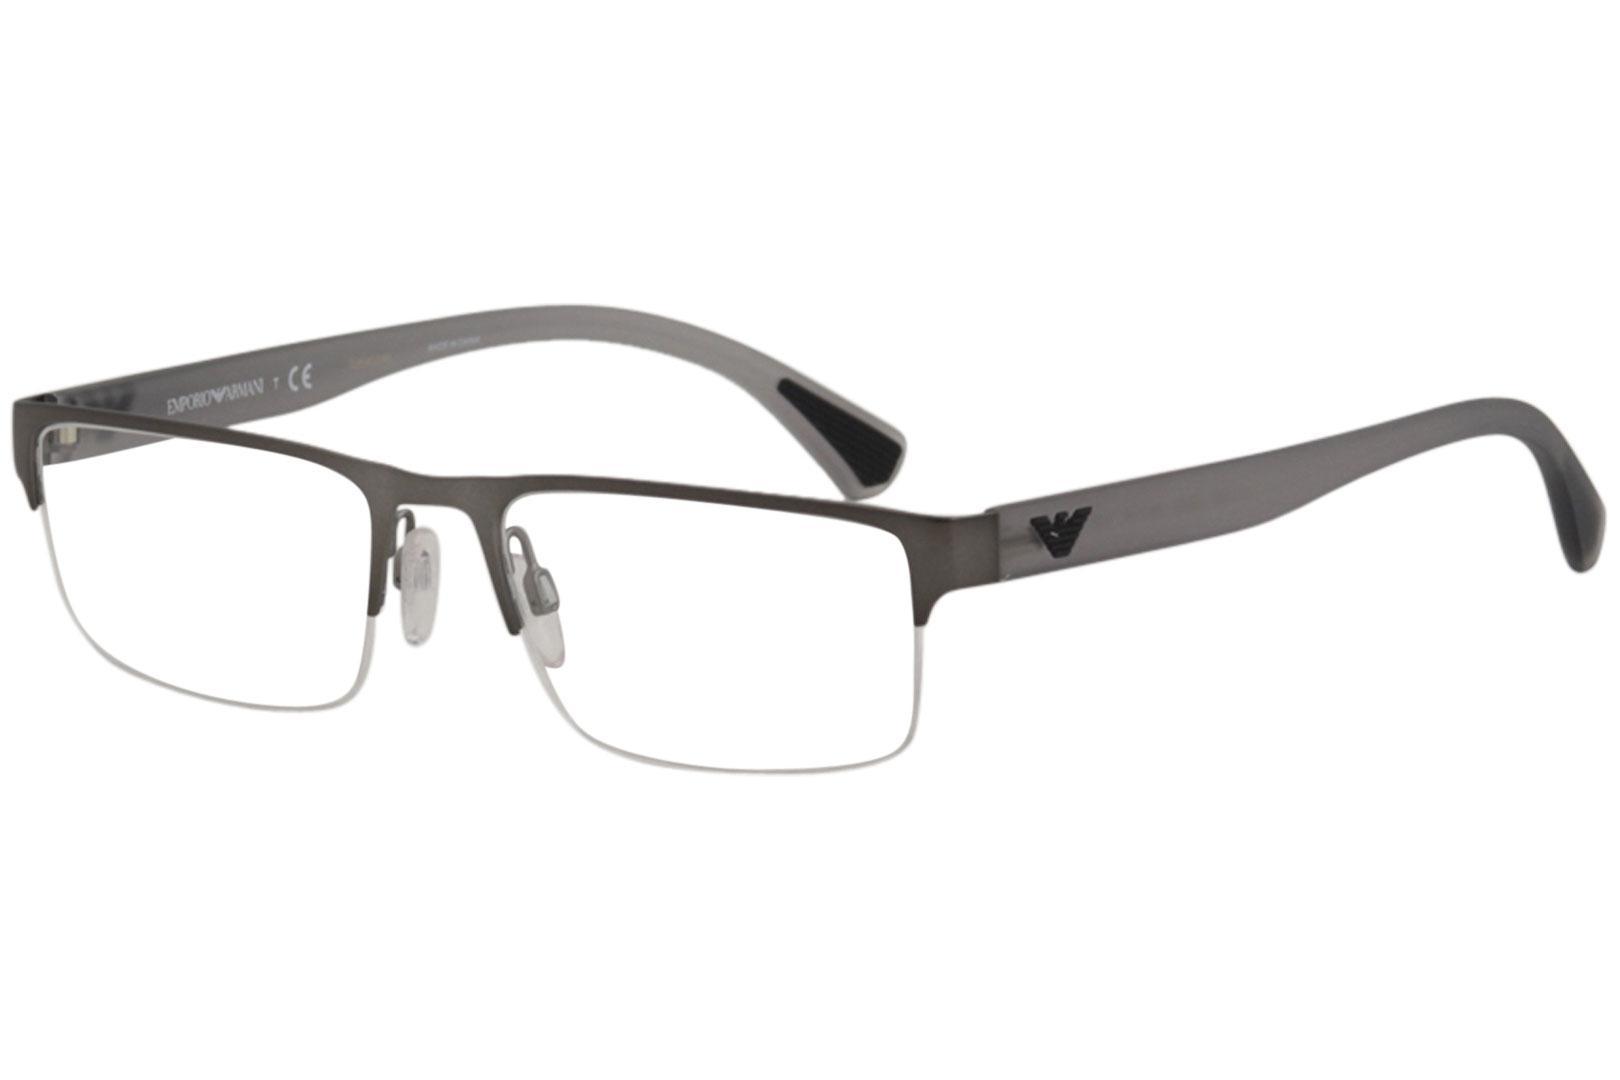 63fb11e0 Emporio Armani Men's Eyeglasses EA1050 EA/1050 Half Rim ...